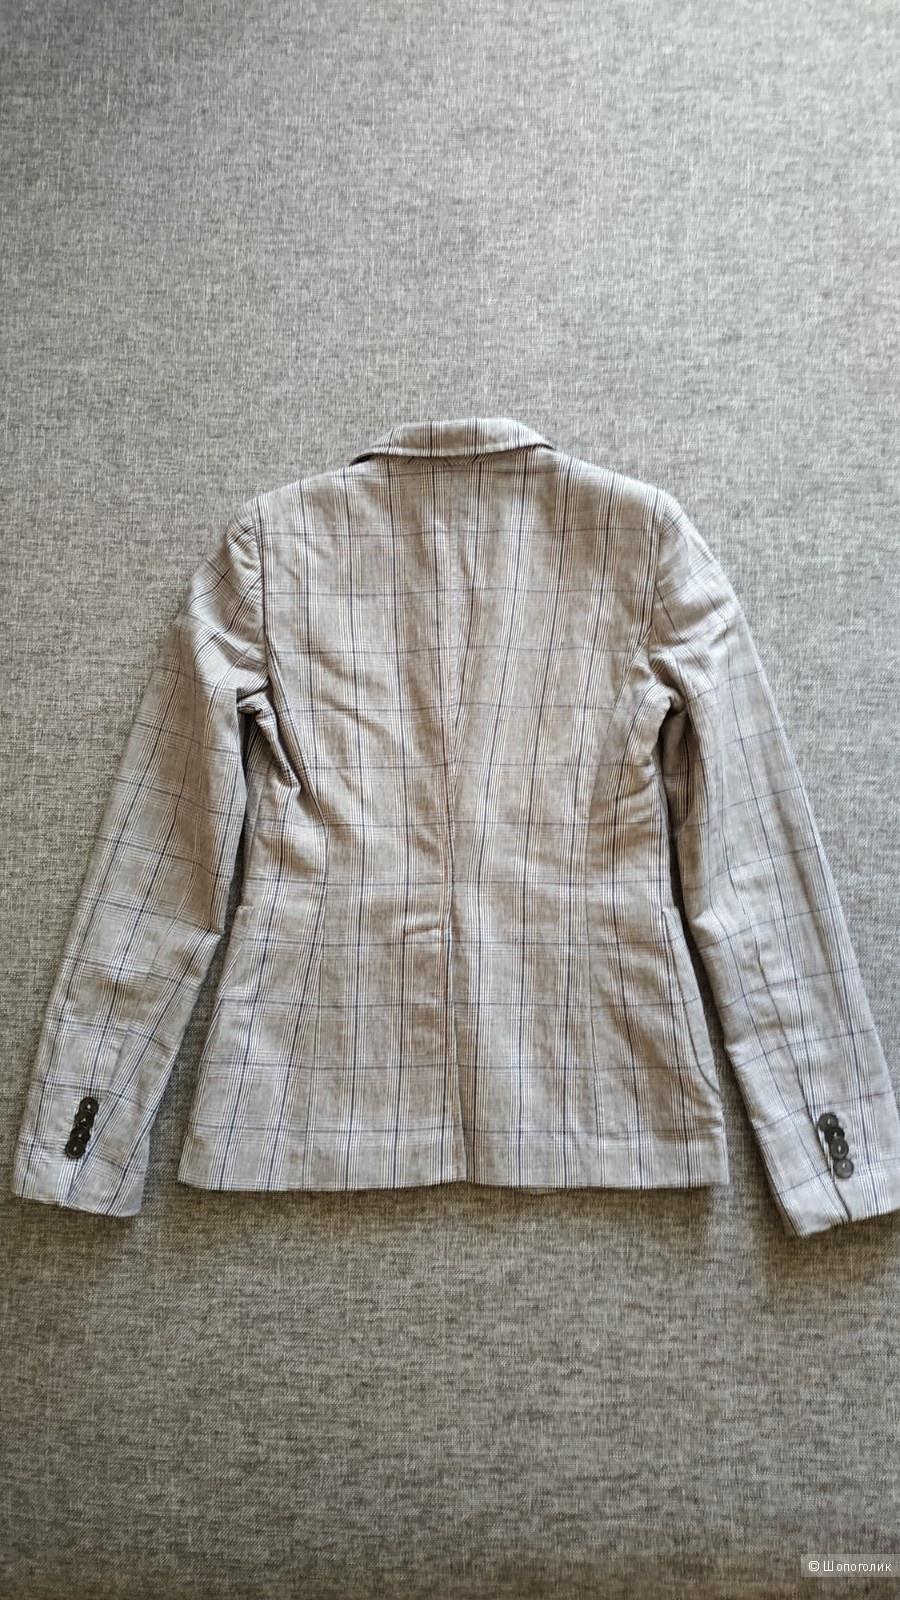 Пиджак Pinko, 42 IT ( 44 размер)